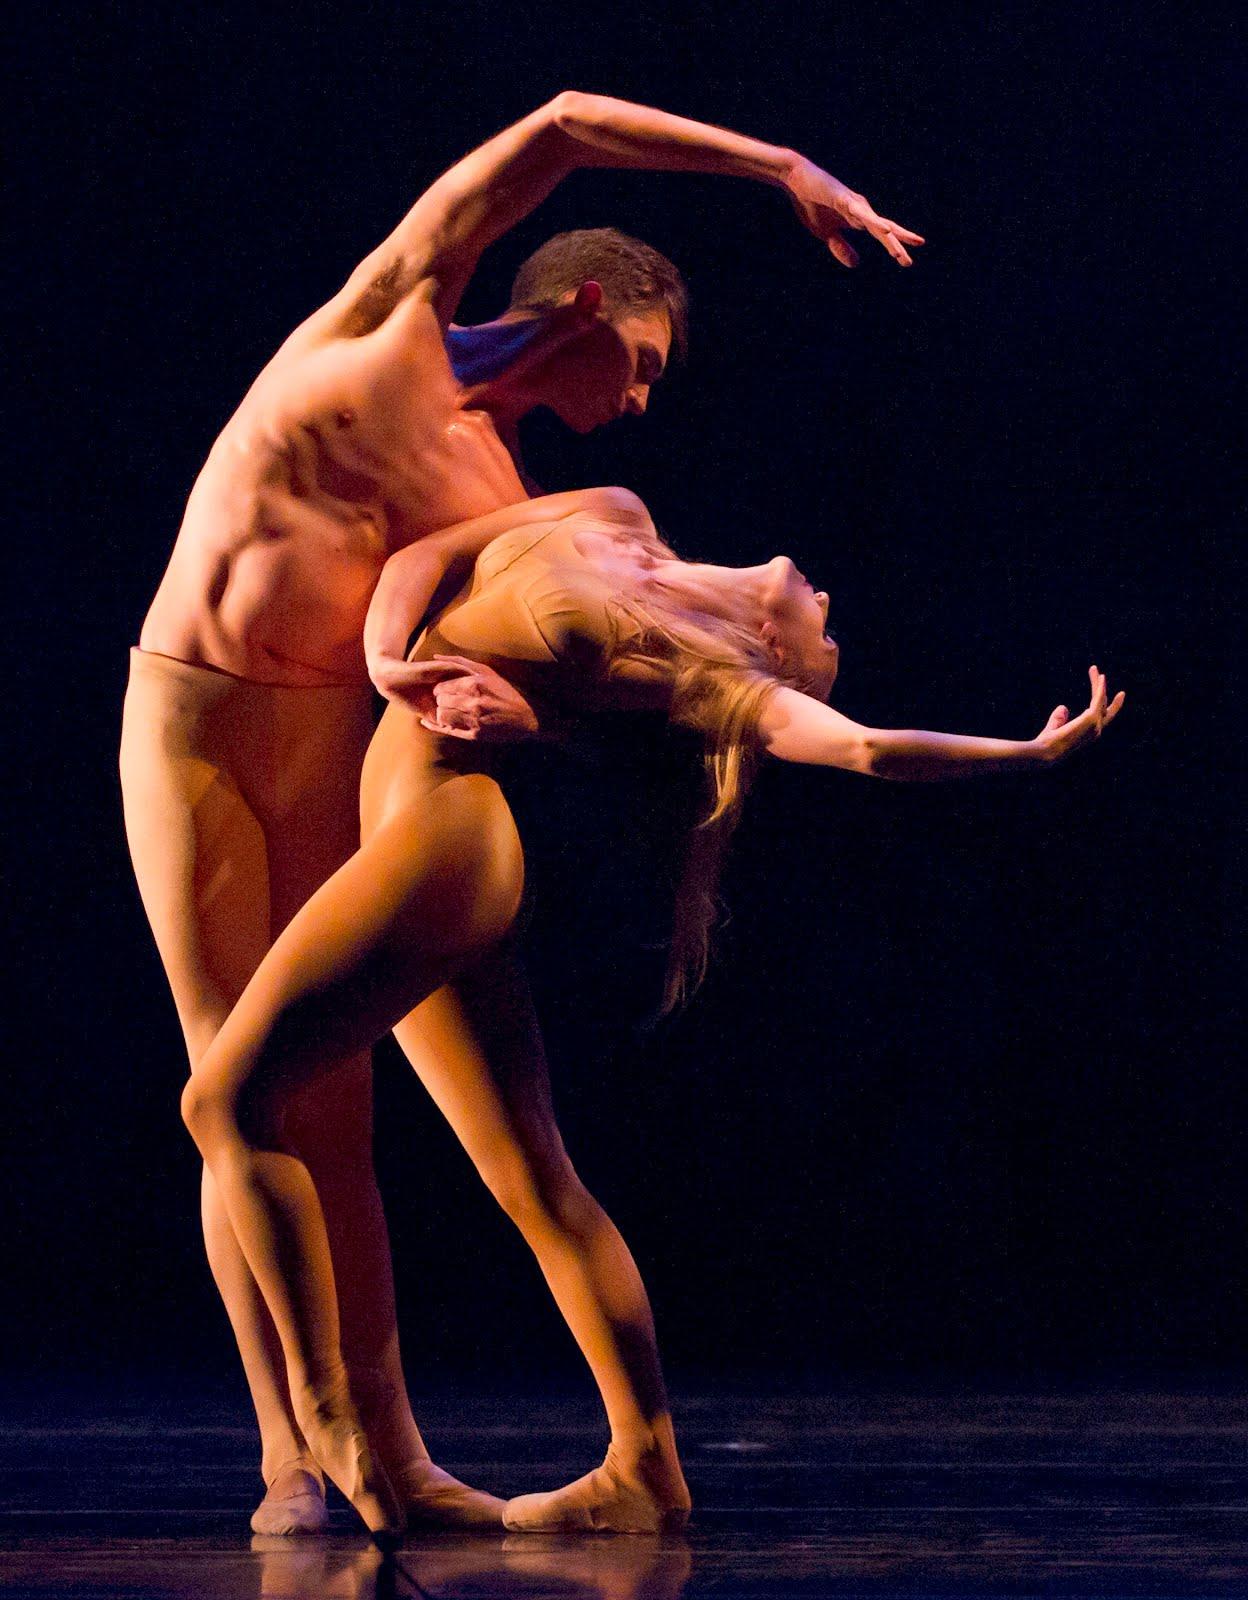 Nude Couple Dancing 44